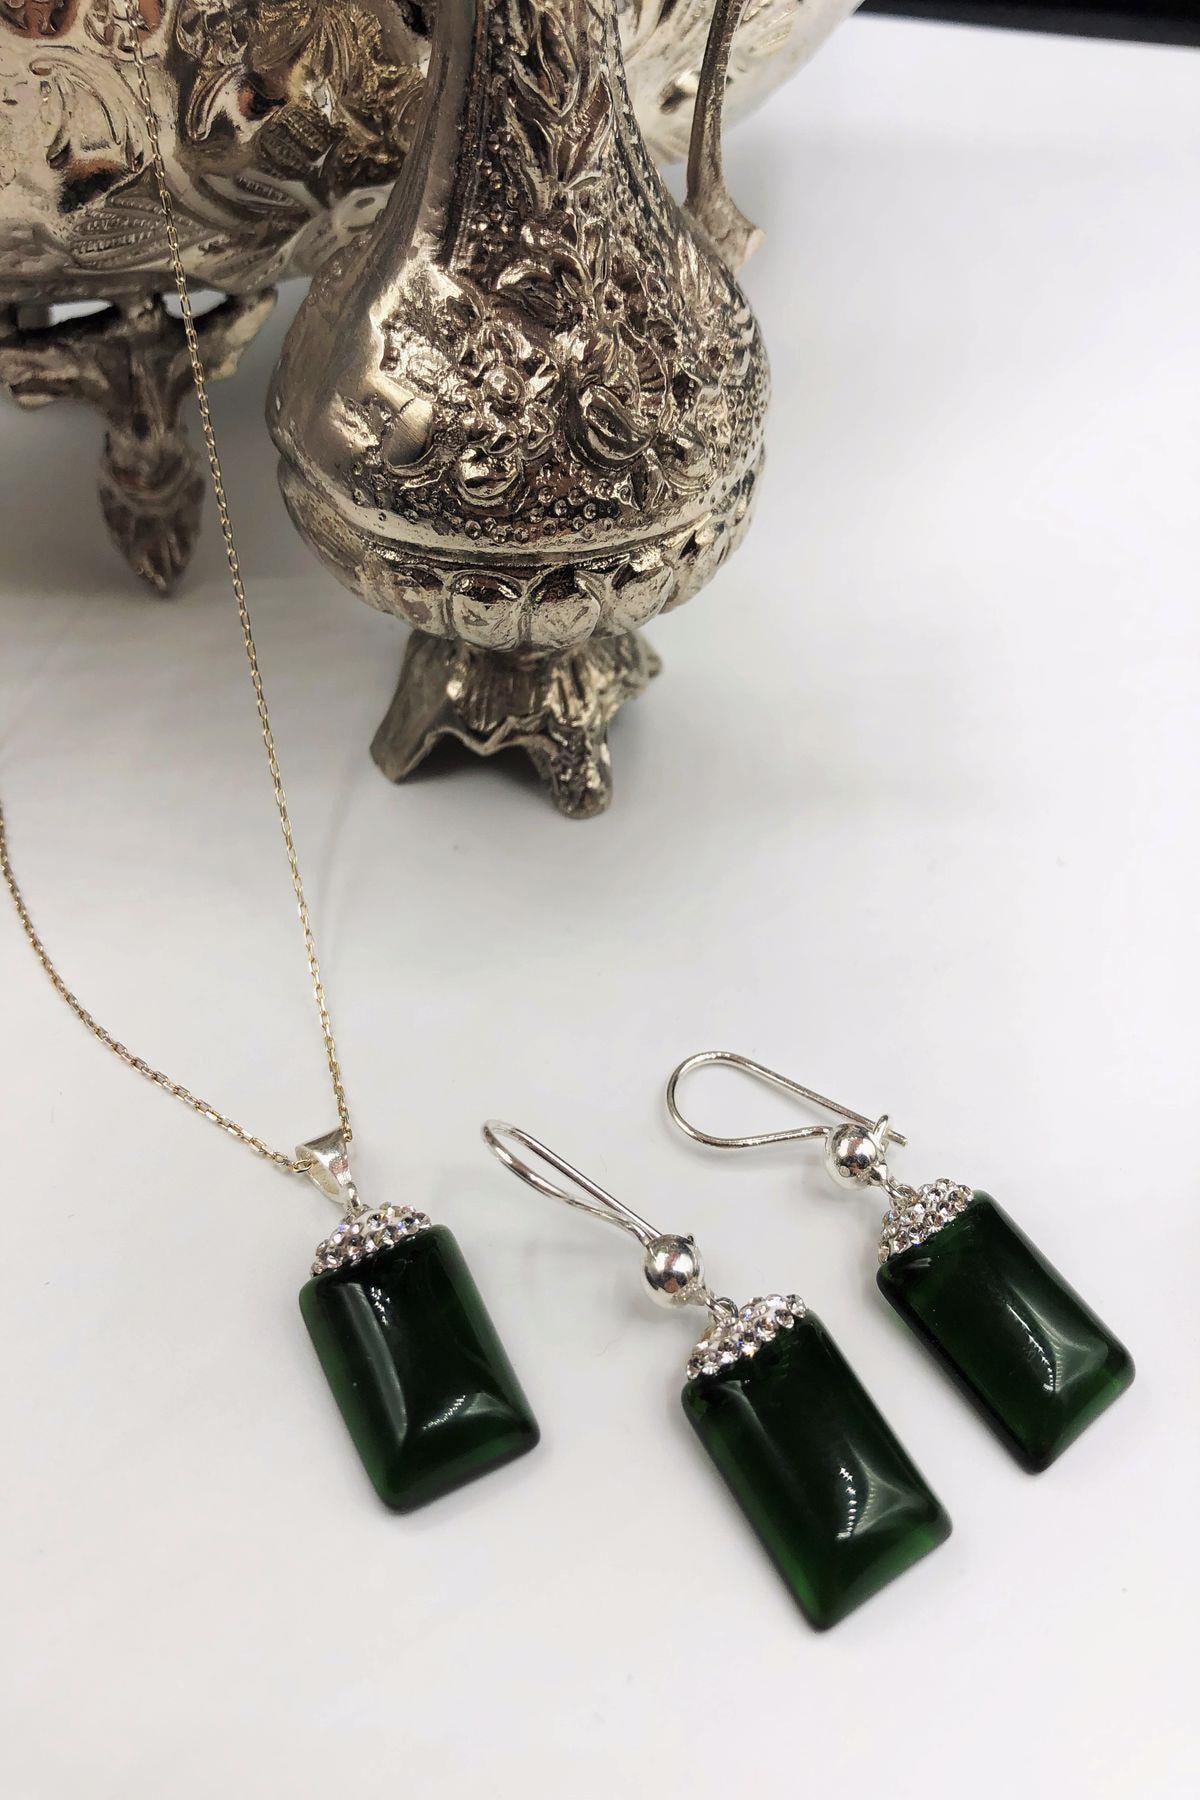 Dr. Stone Dr Stone Harem Koleksiyonu Kedigözü Taşı El Yapımı 925 Ayar Gümüş Set Gdr17 1